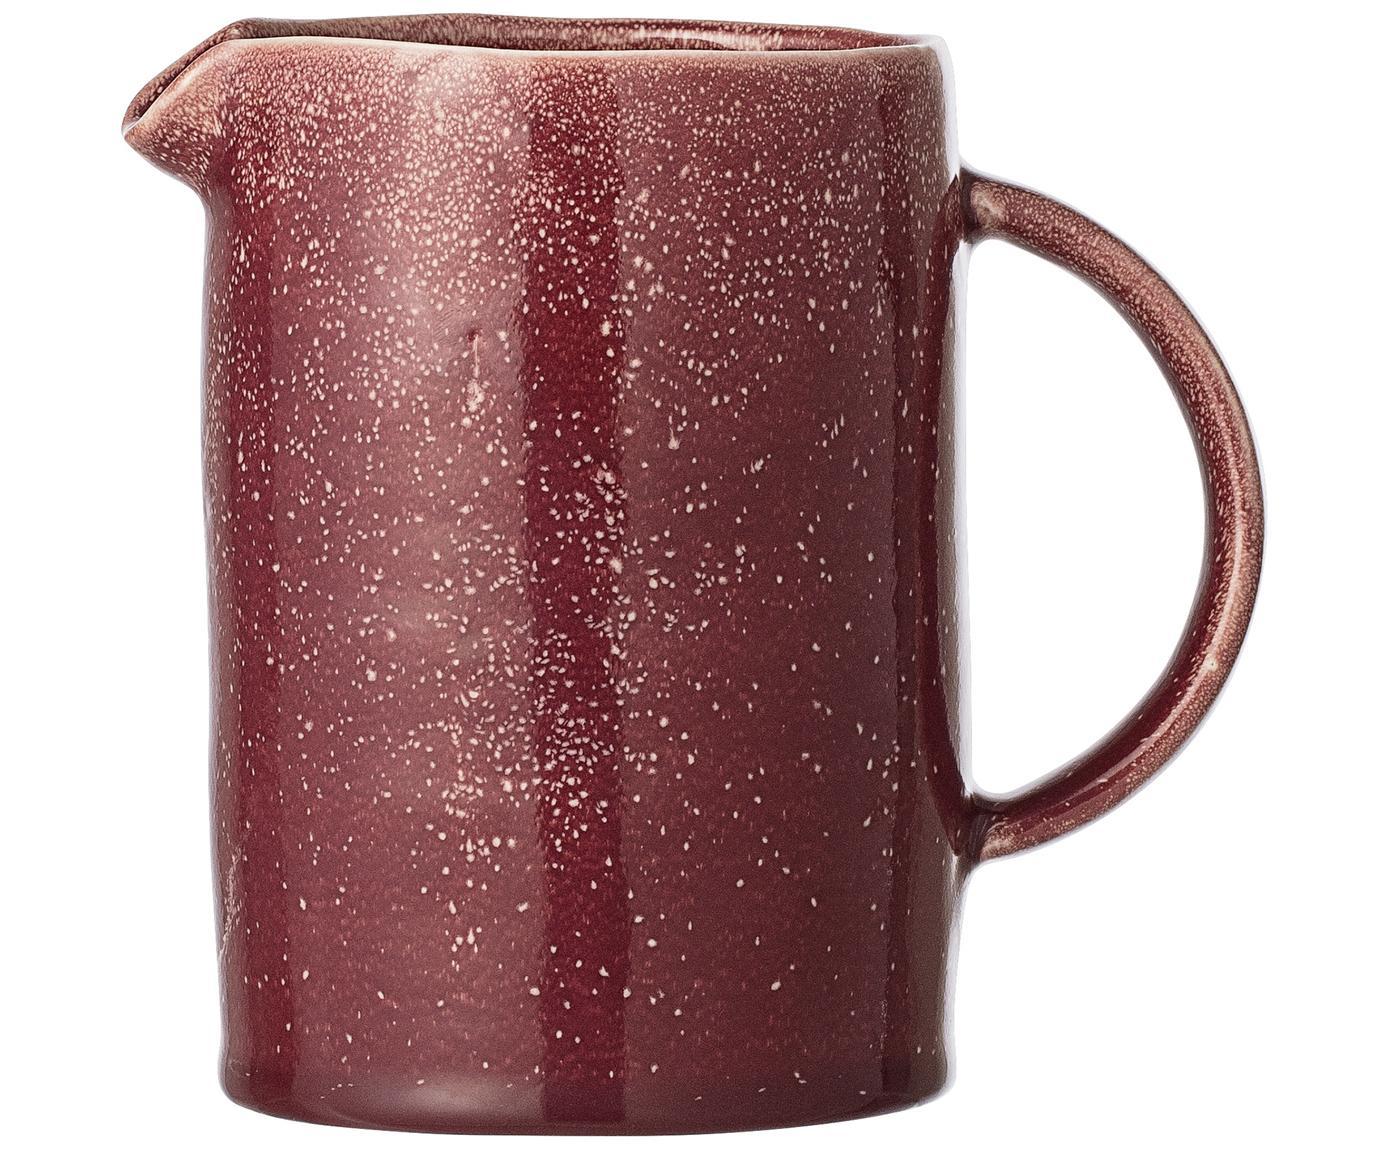 Handgemachter Krug Joelle, Steingut, lackiert, Weinrot, Creme, 800 ml